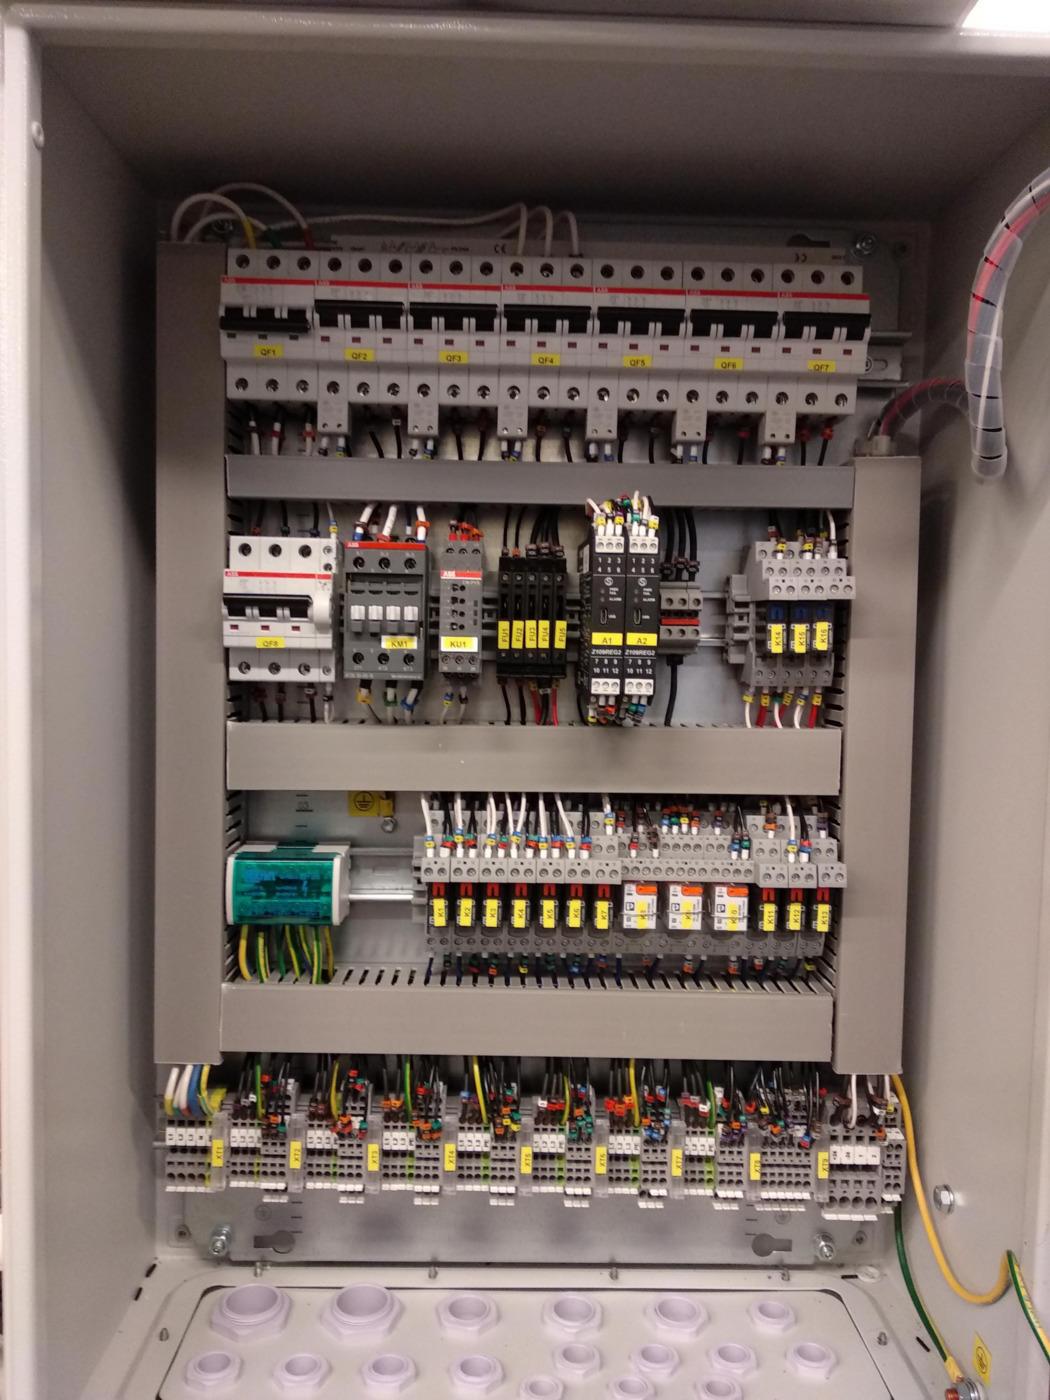 Кабельные и электромонтажные работы. Щит питания оборудования собственных нужд дизель-генераторной установки